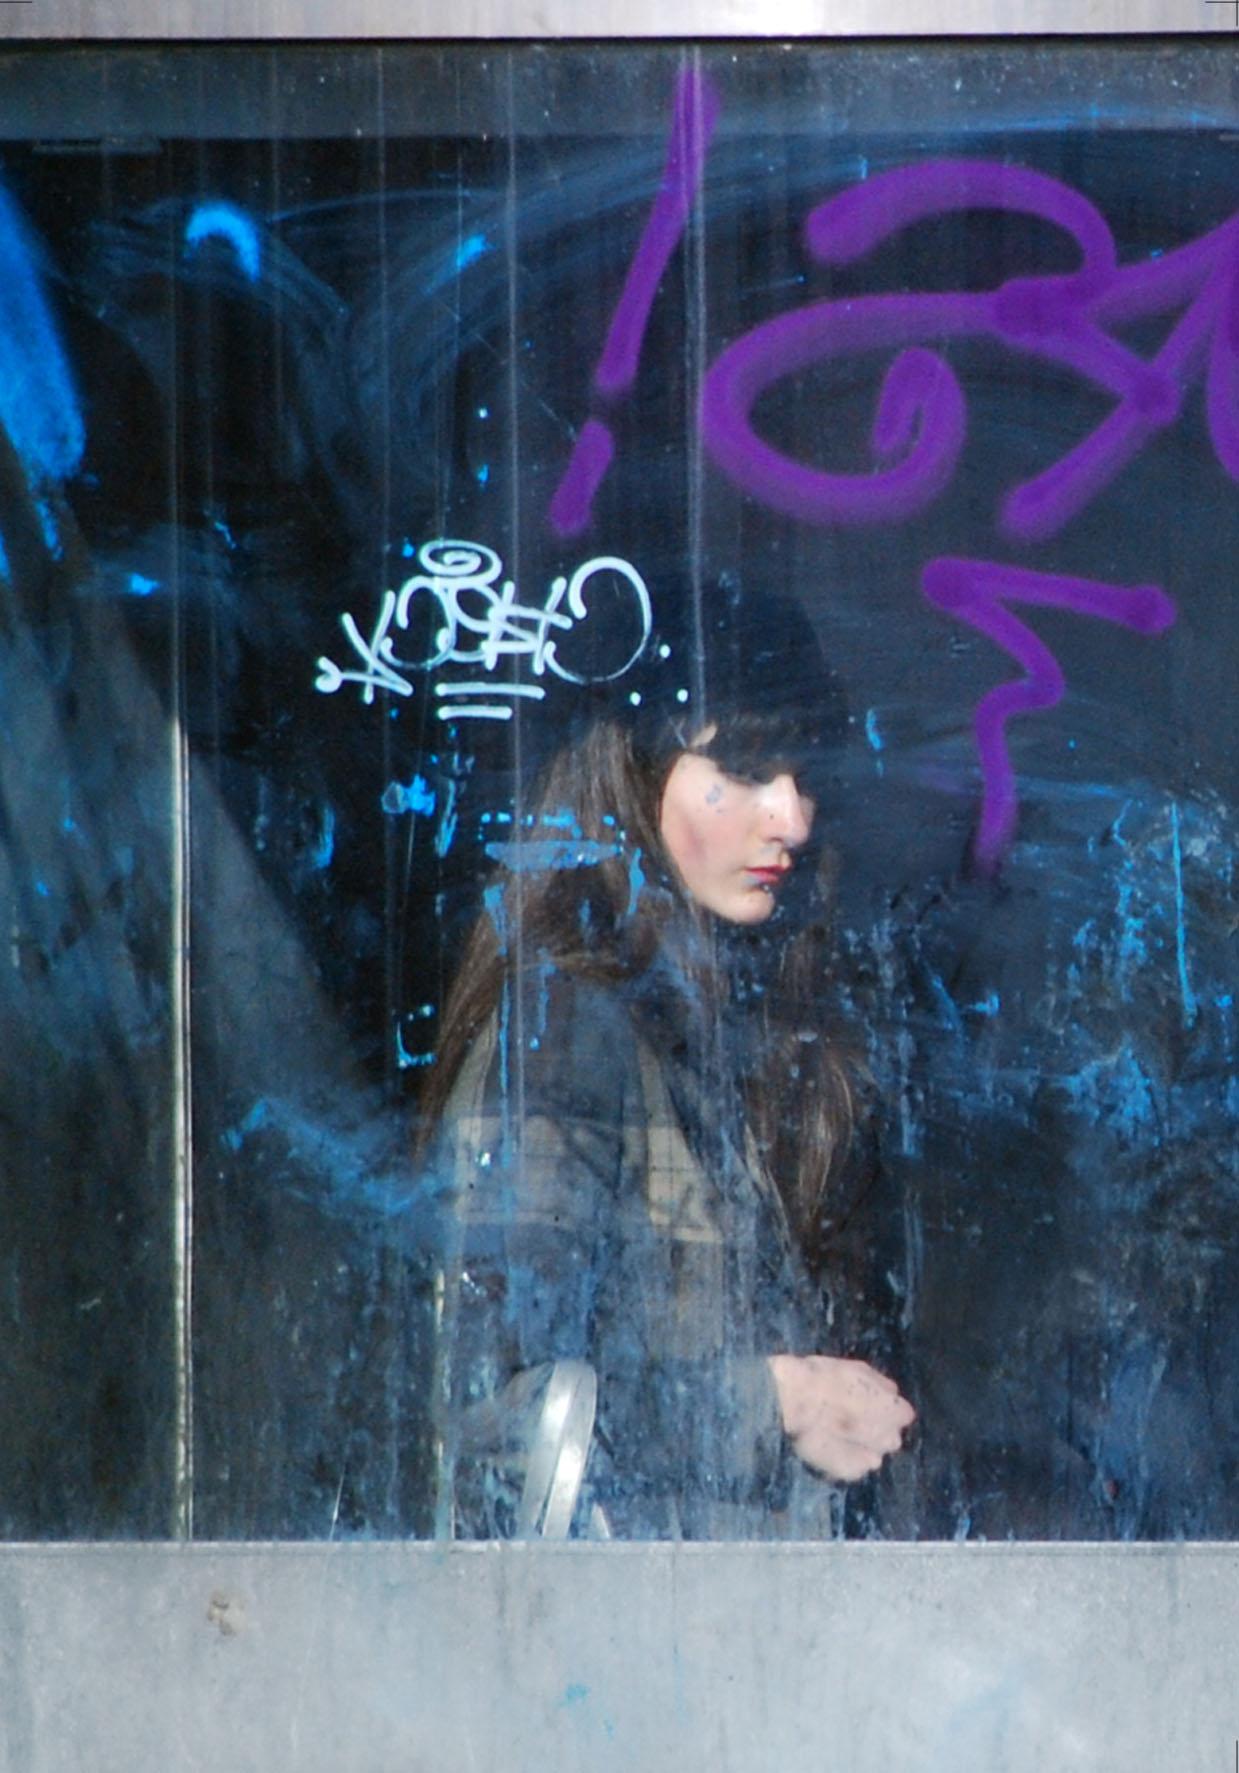 © Stéphanie Lehu, La fille de l'ascenseur